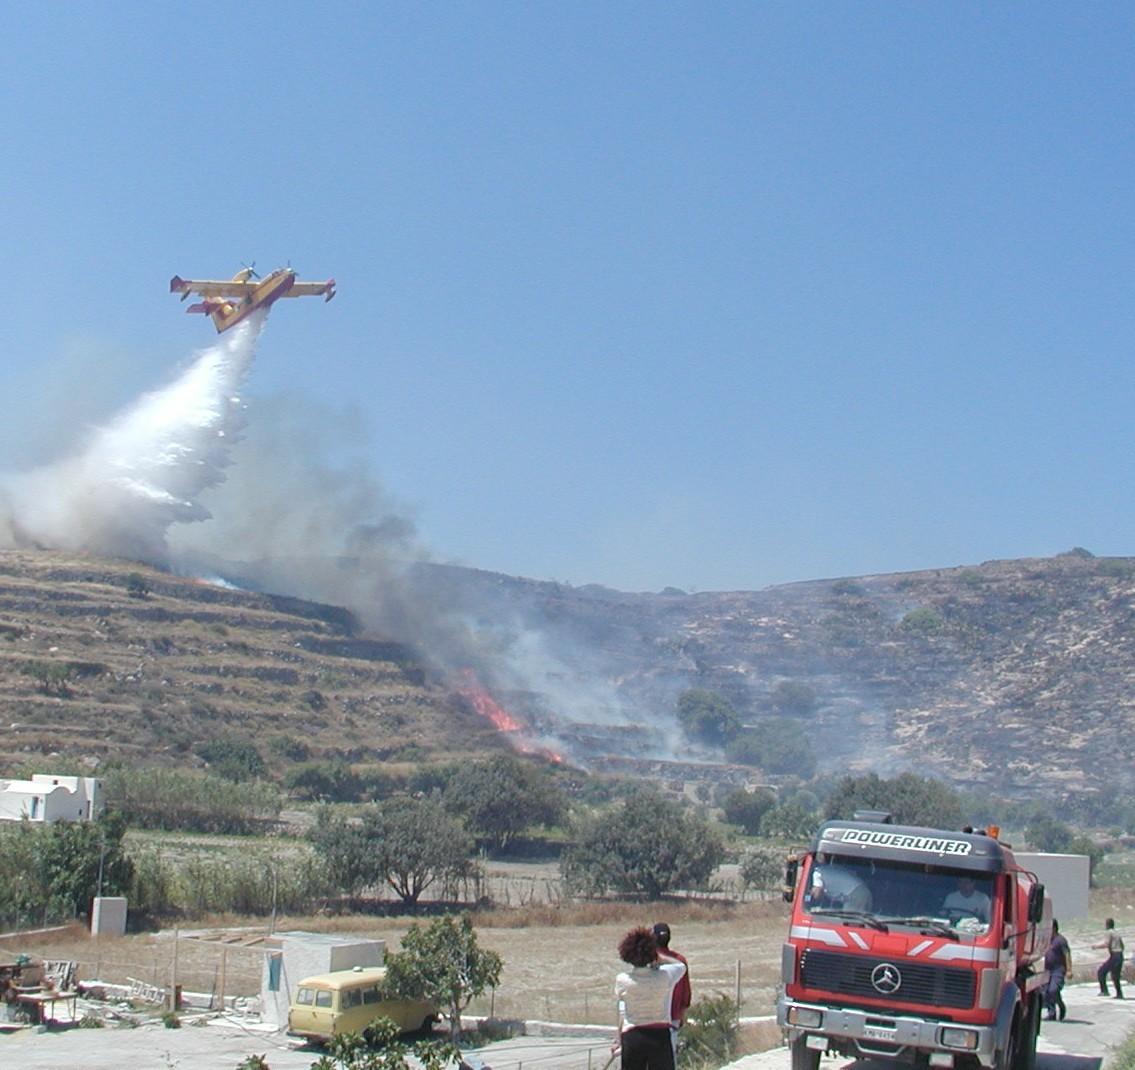 «Πολύ υψηλός κίνδυνος πυρκαγιάς την Τρίτη 3-8-2021 στην Περιφέρεια Νοτίου Αιγαίου